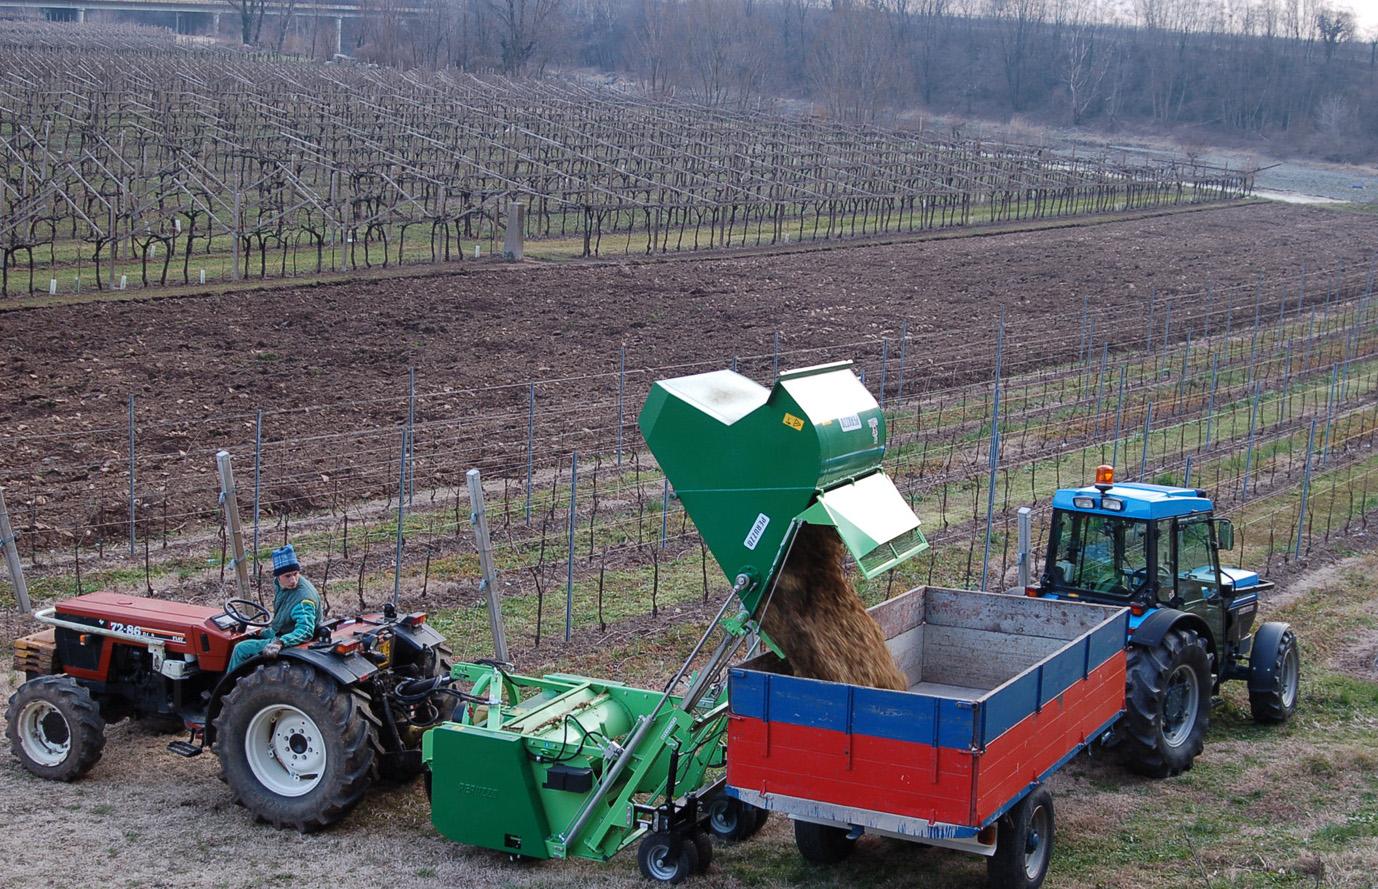 Produrre biomasse in modo razionale